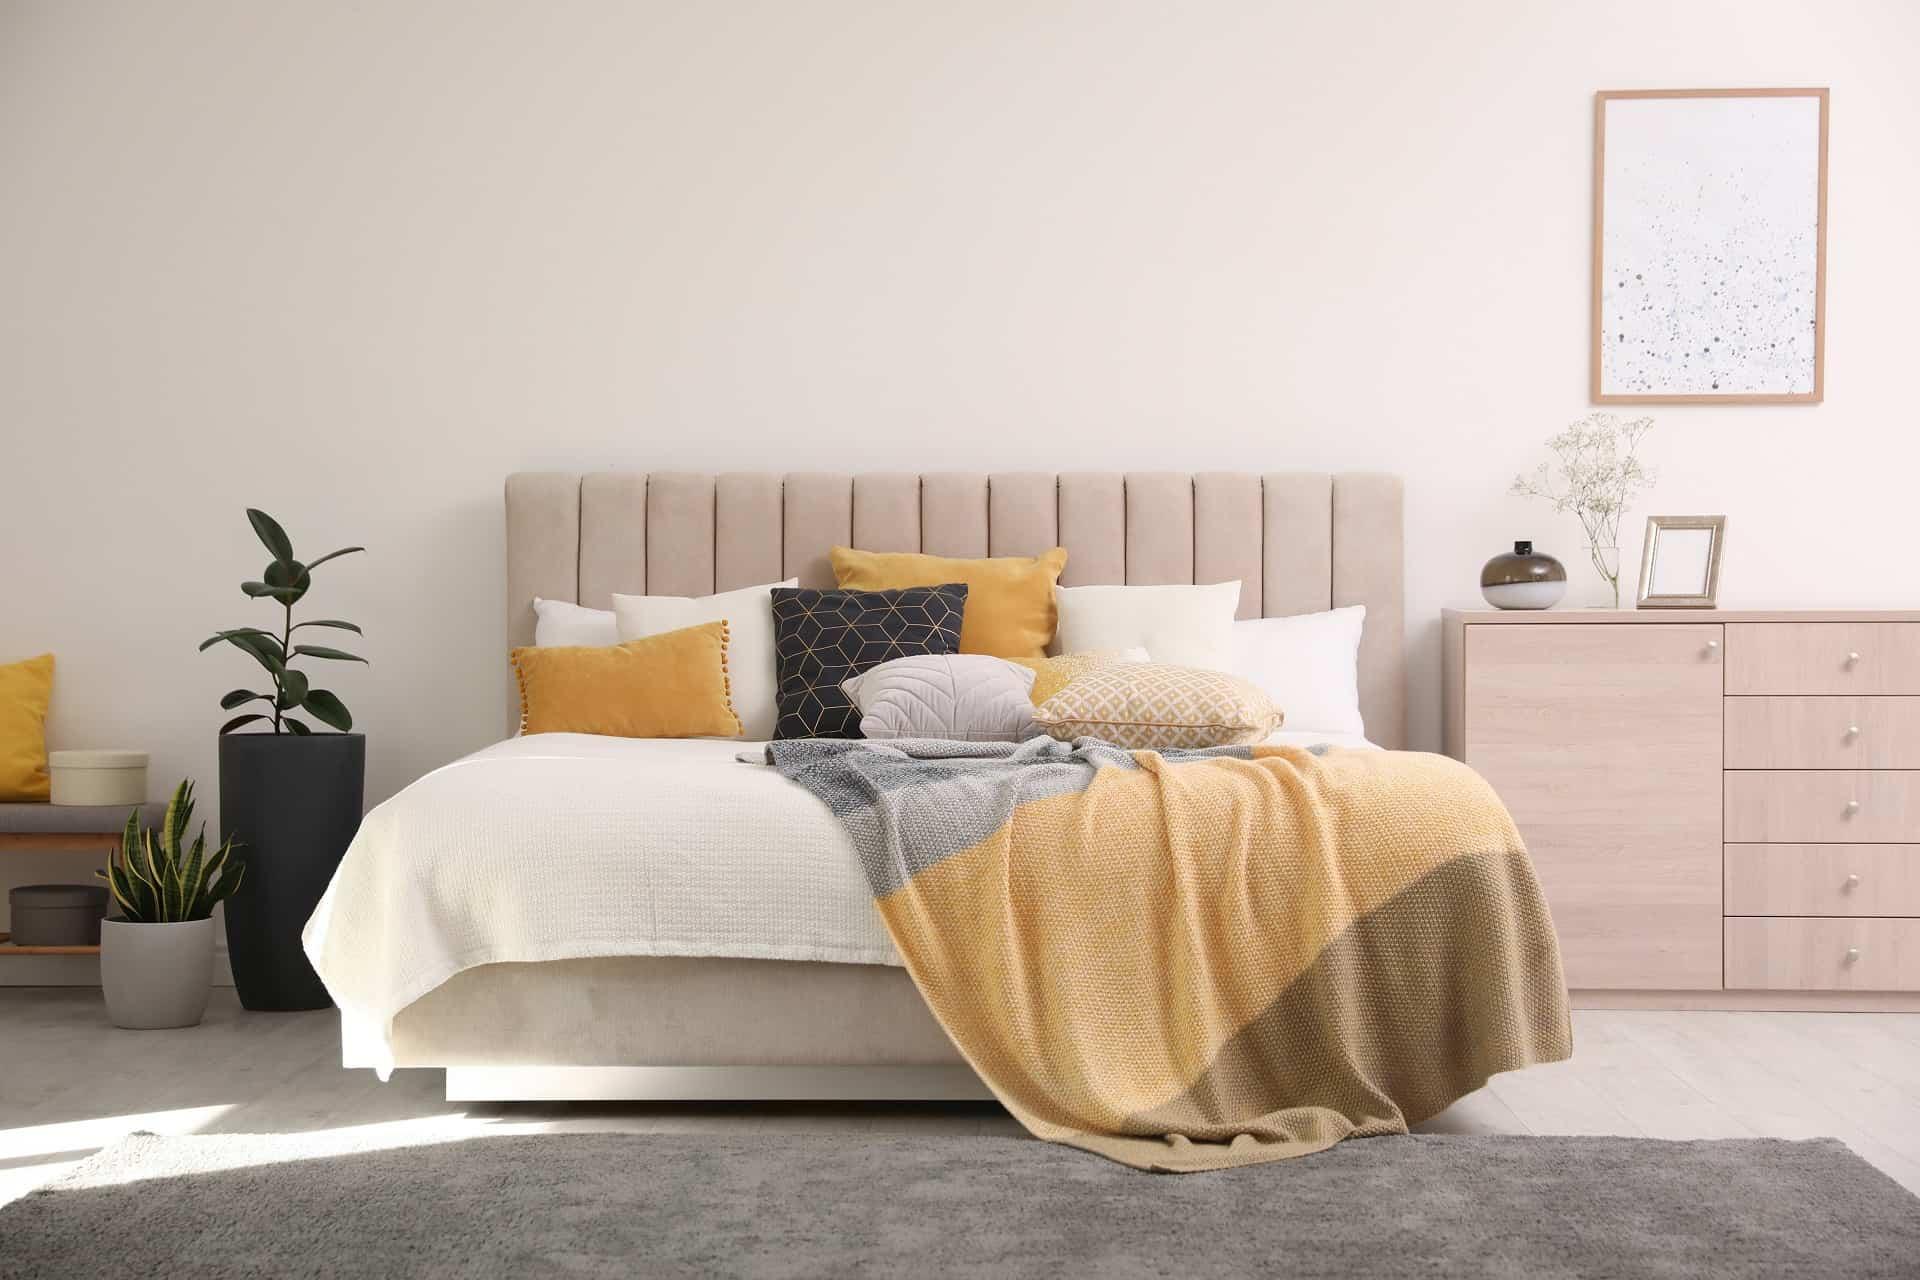 reupholster bed frame